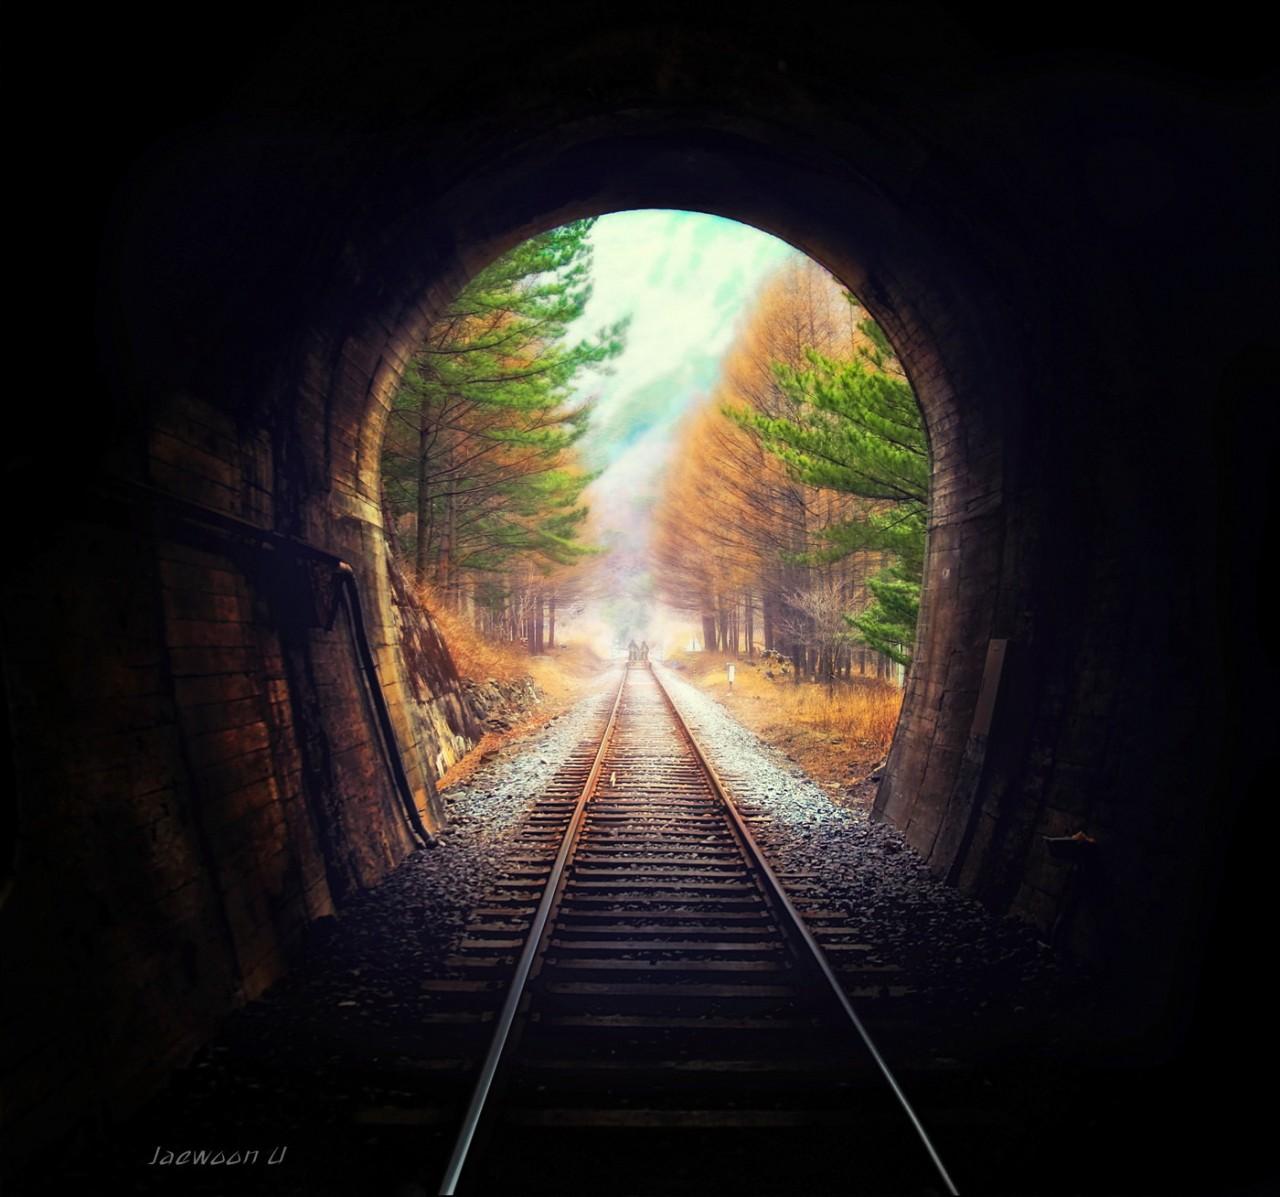 Волшебные пейзажи от фотографа Jaewoon U